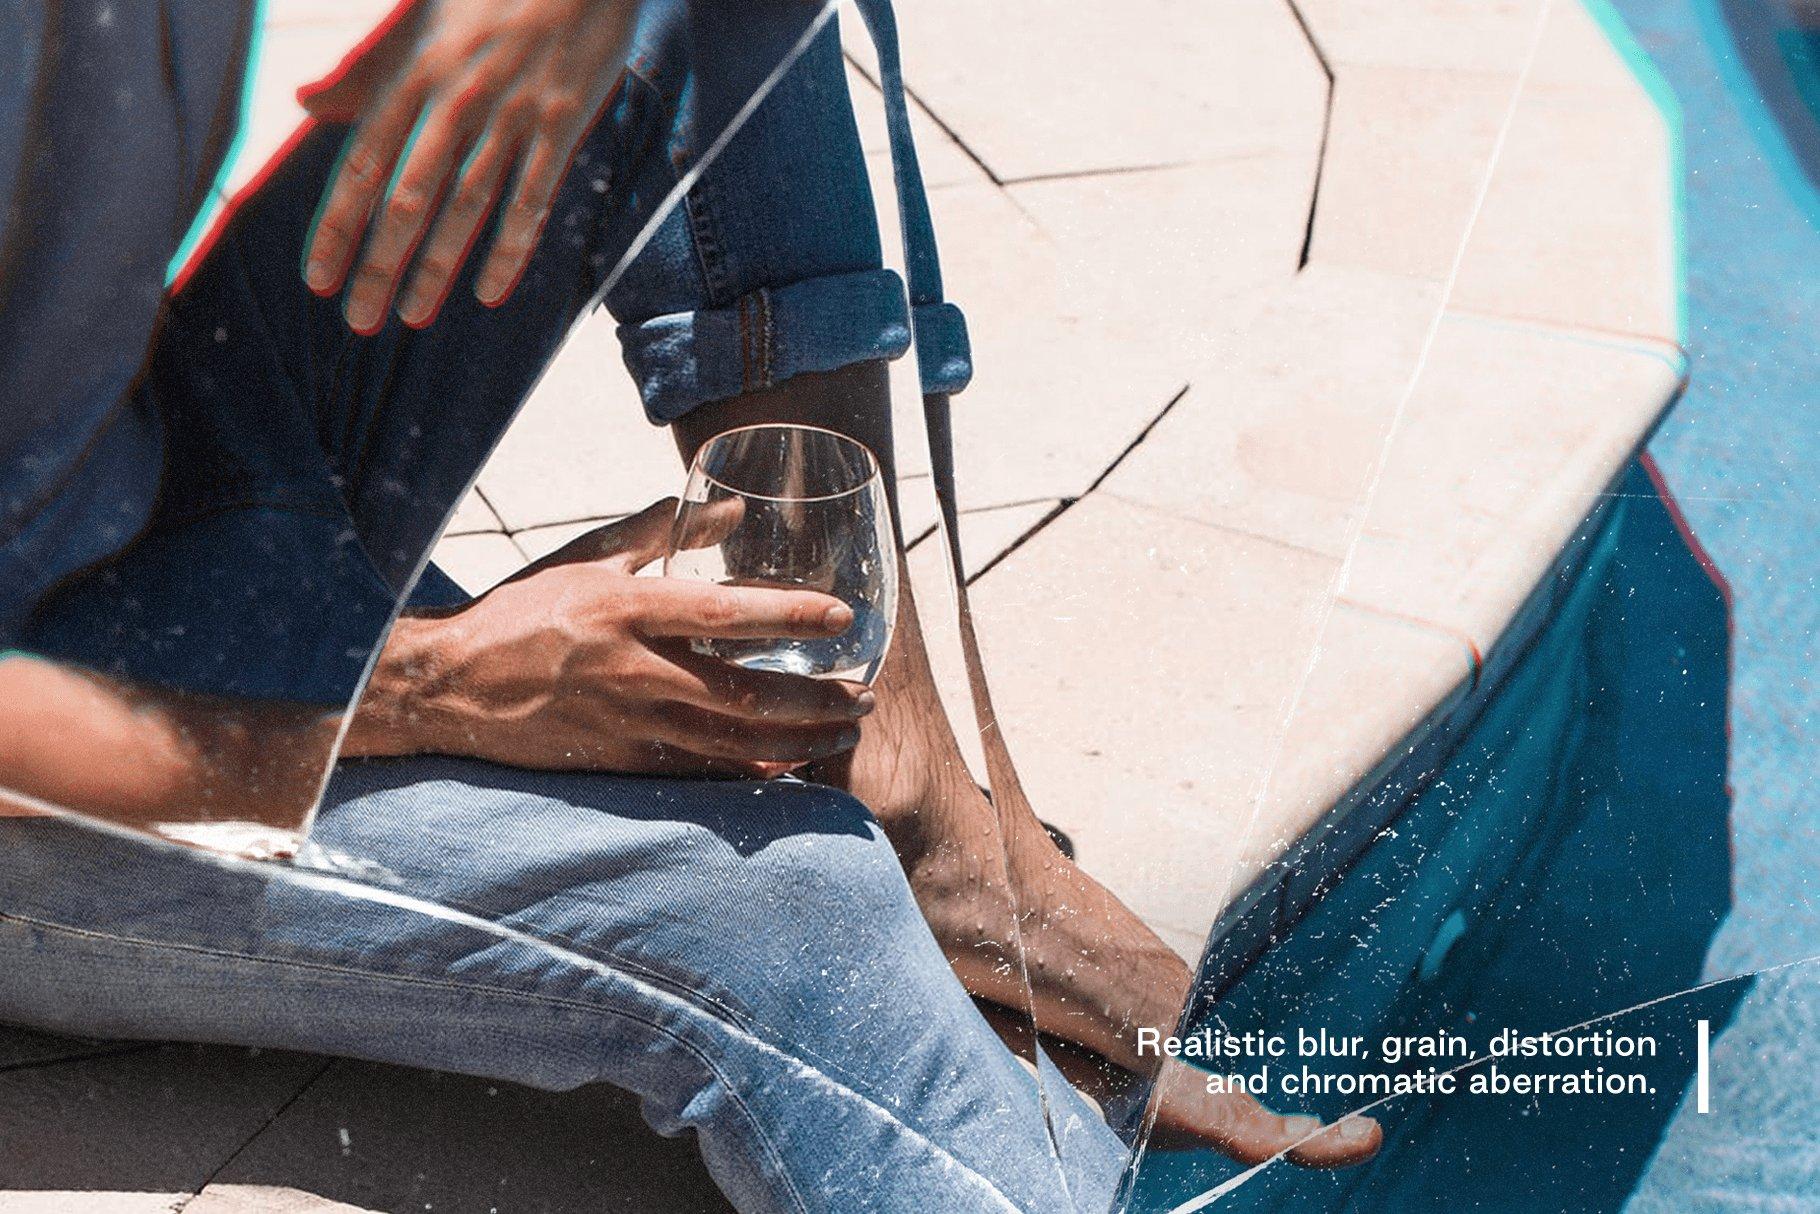 [淘宝购买]模糊破碎破裂变形玻璃叠加层背景PS设计素材 Broken – Cracked Glass Distortions插图(4)